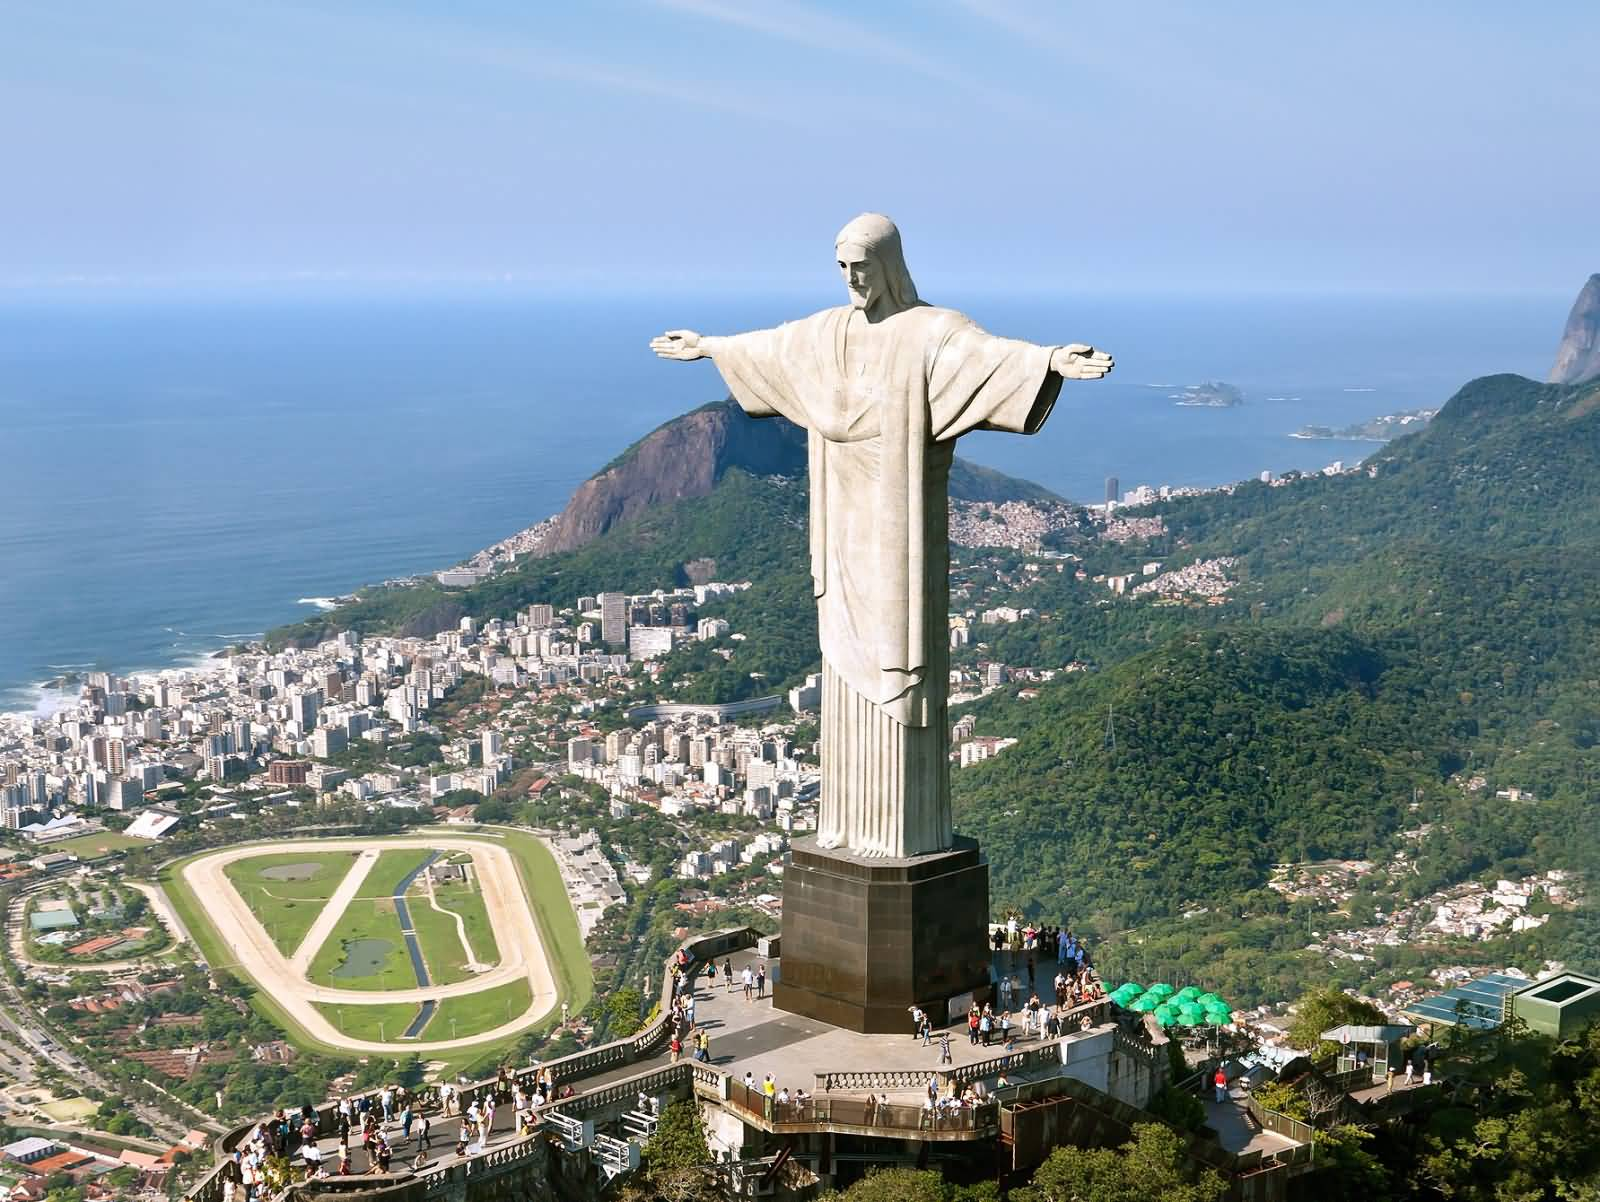 Experience Rio de Janeiro | Christ the Redeemer Statue, Rio de Janeiro, Brazil